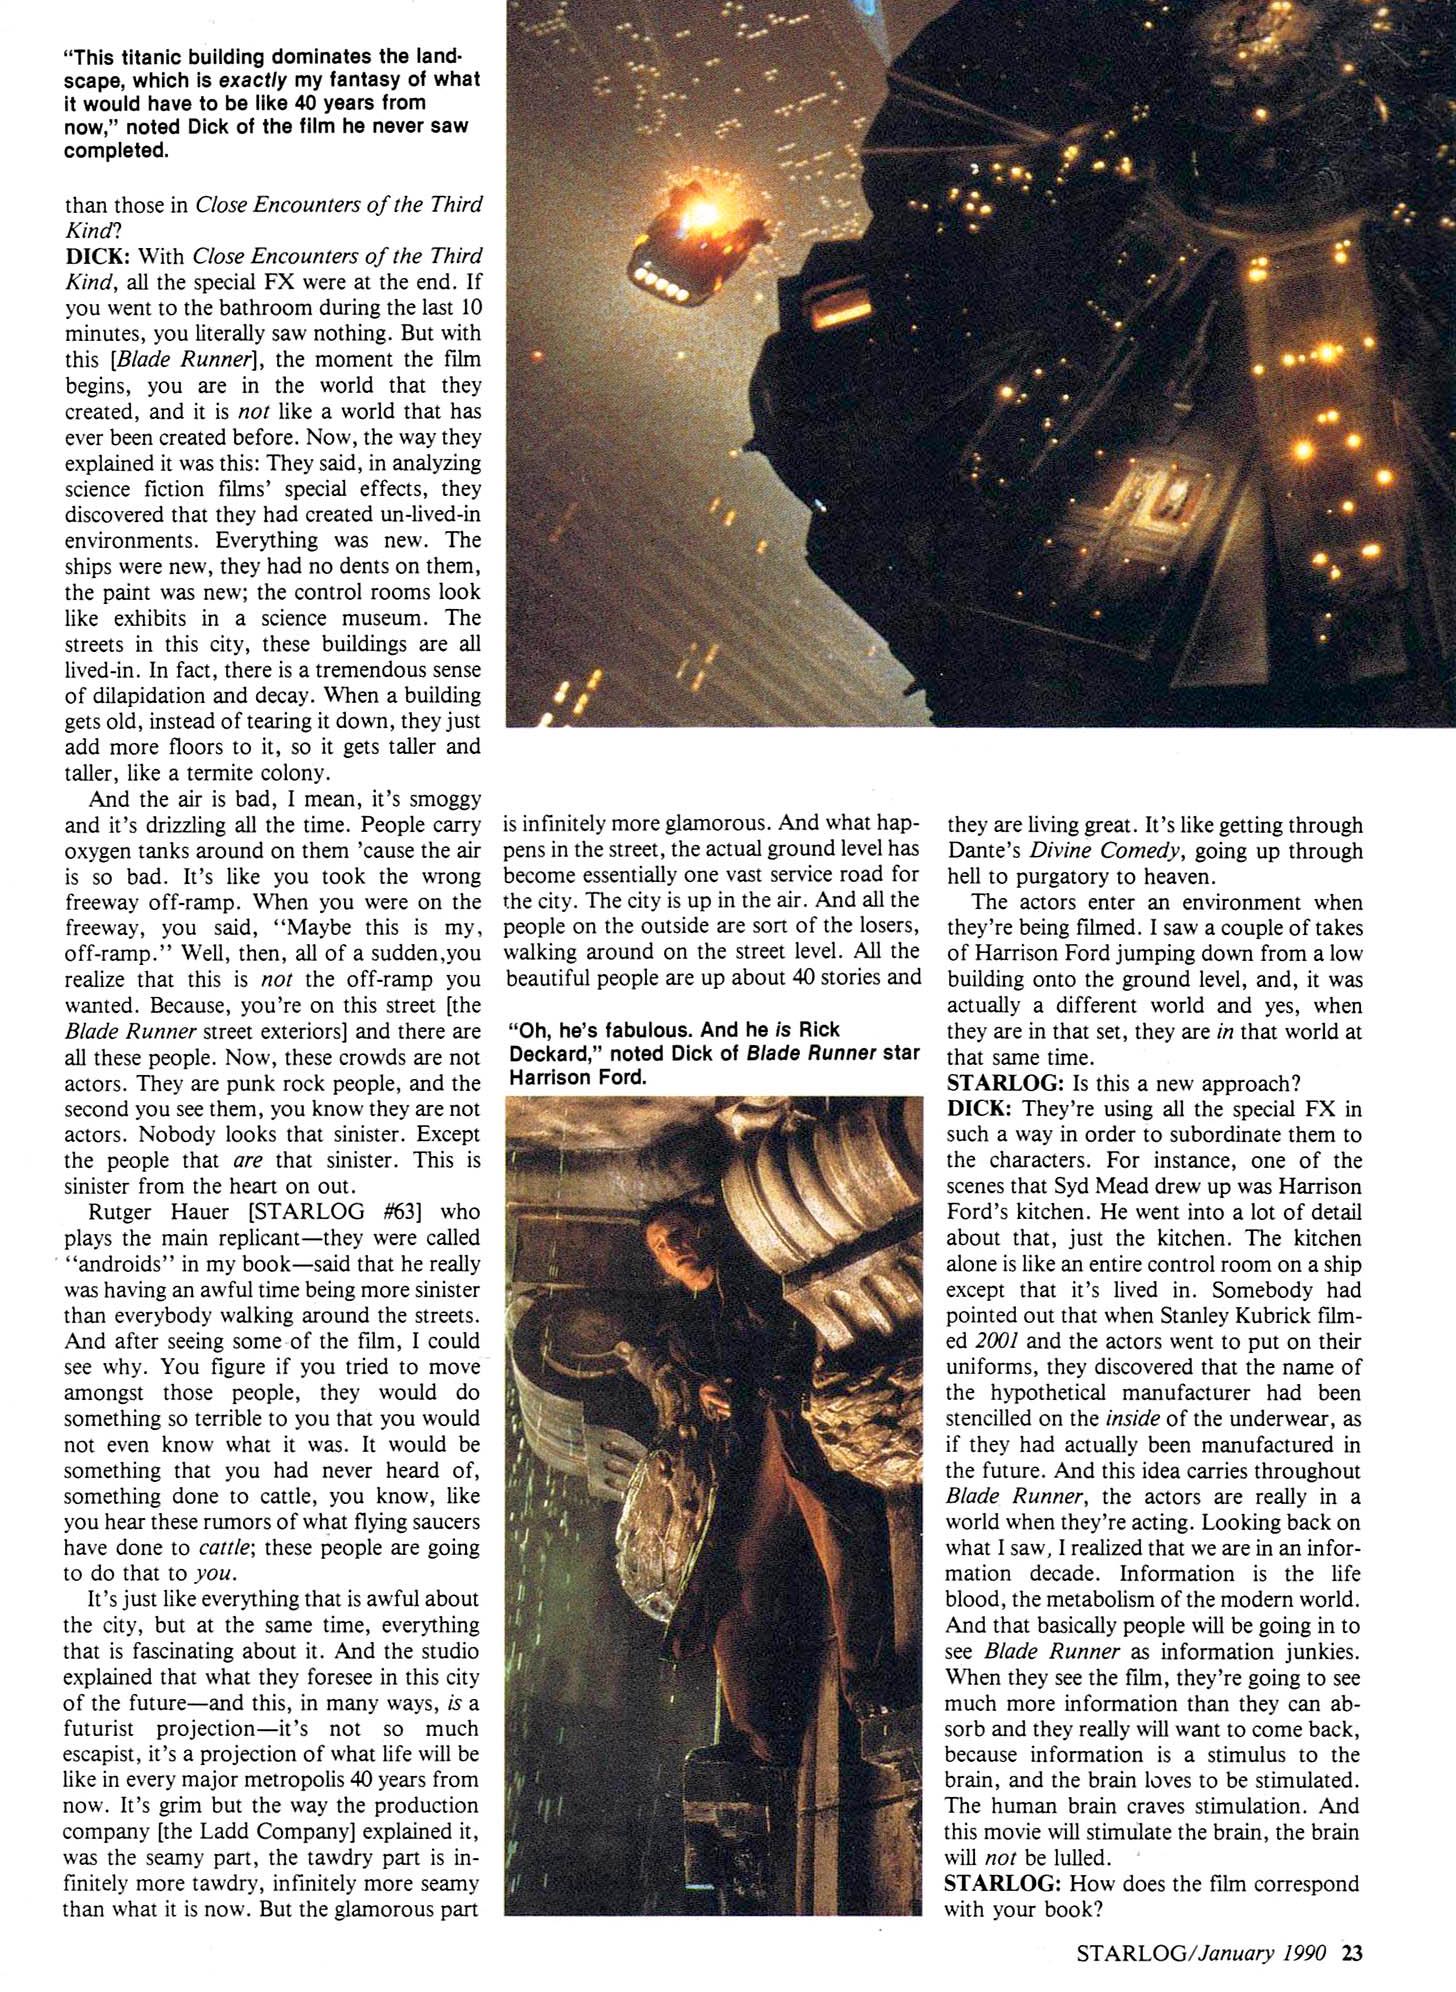 Starlog 150 1990 01 BRunner-2.jpg